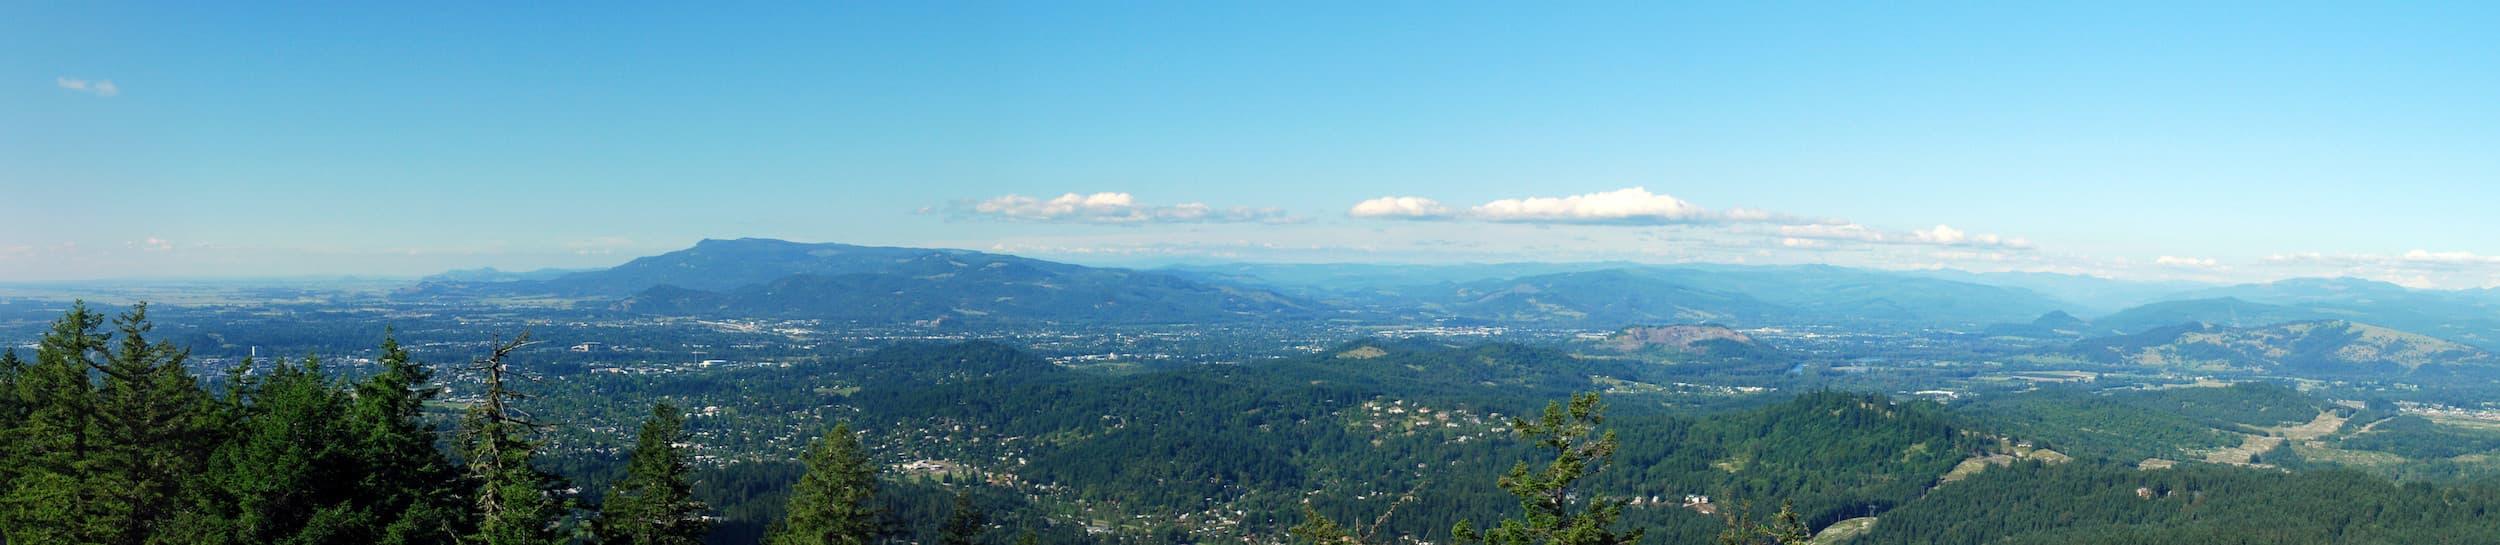 Skyline of Eugene